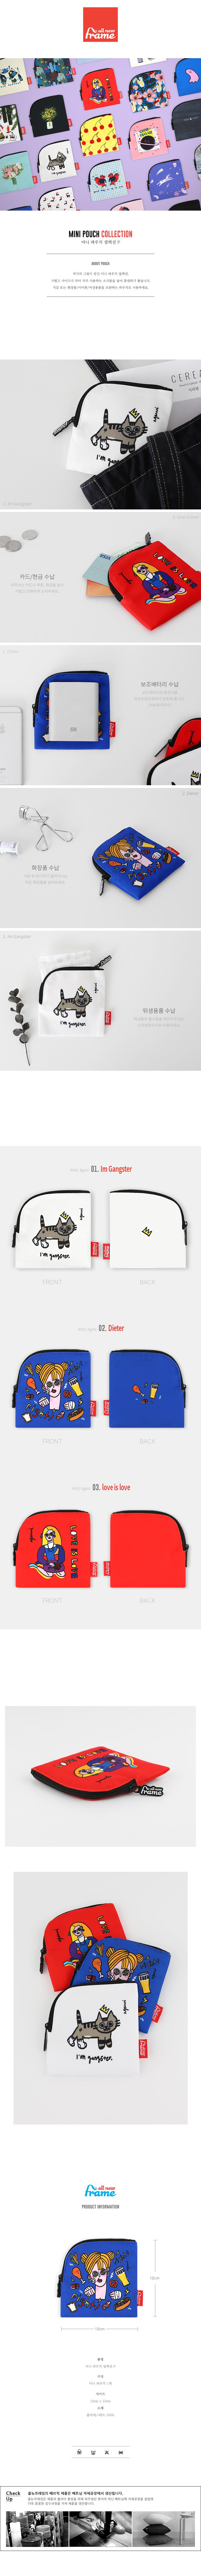 미니파우치 컬렉션 P - 올뉴프레임, 6,800원, 트래블팩단품, 멀티파우치